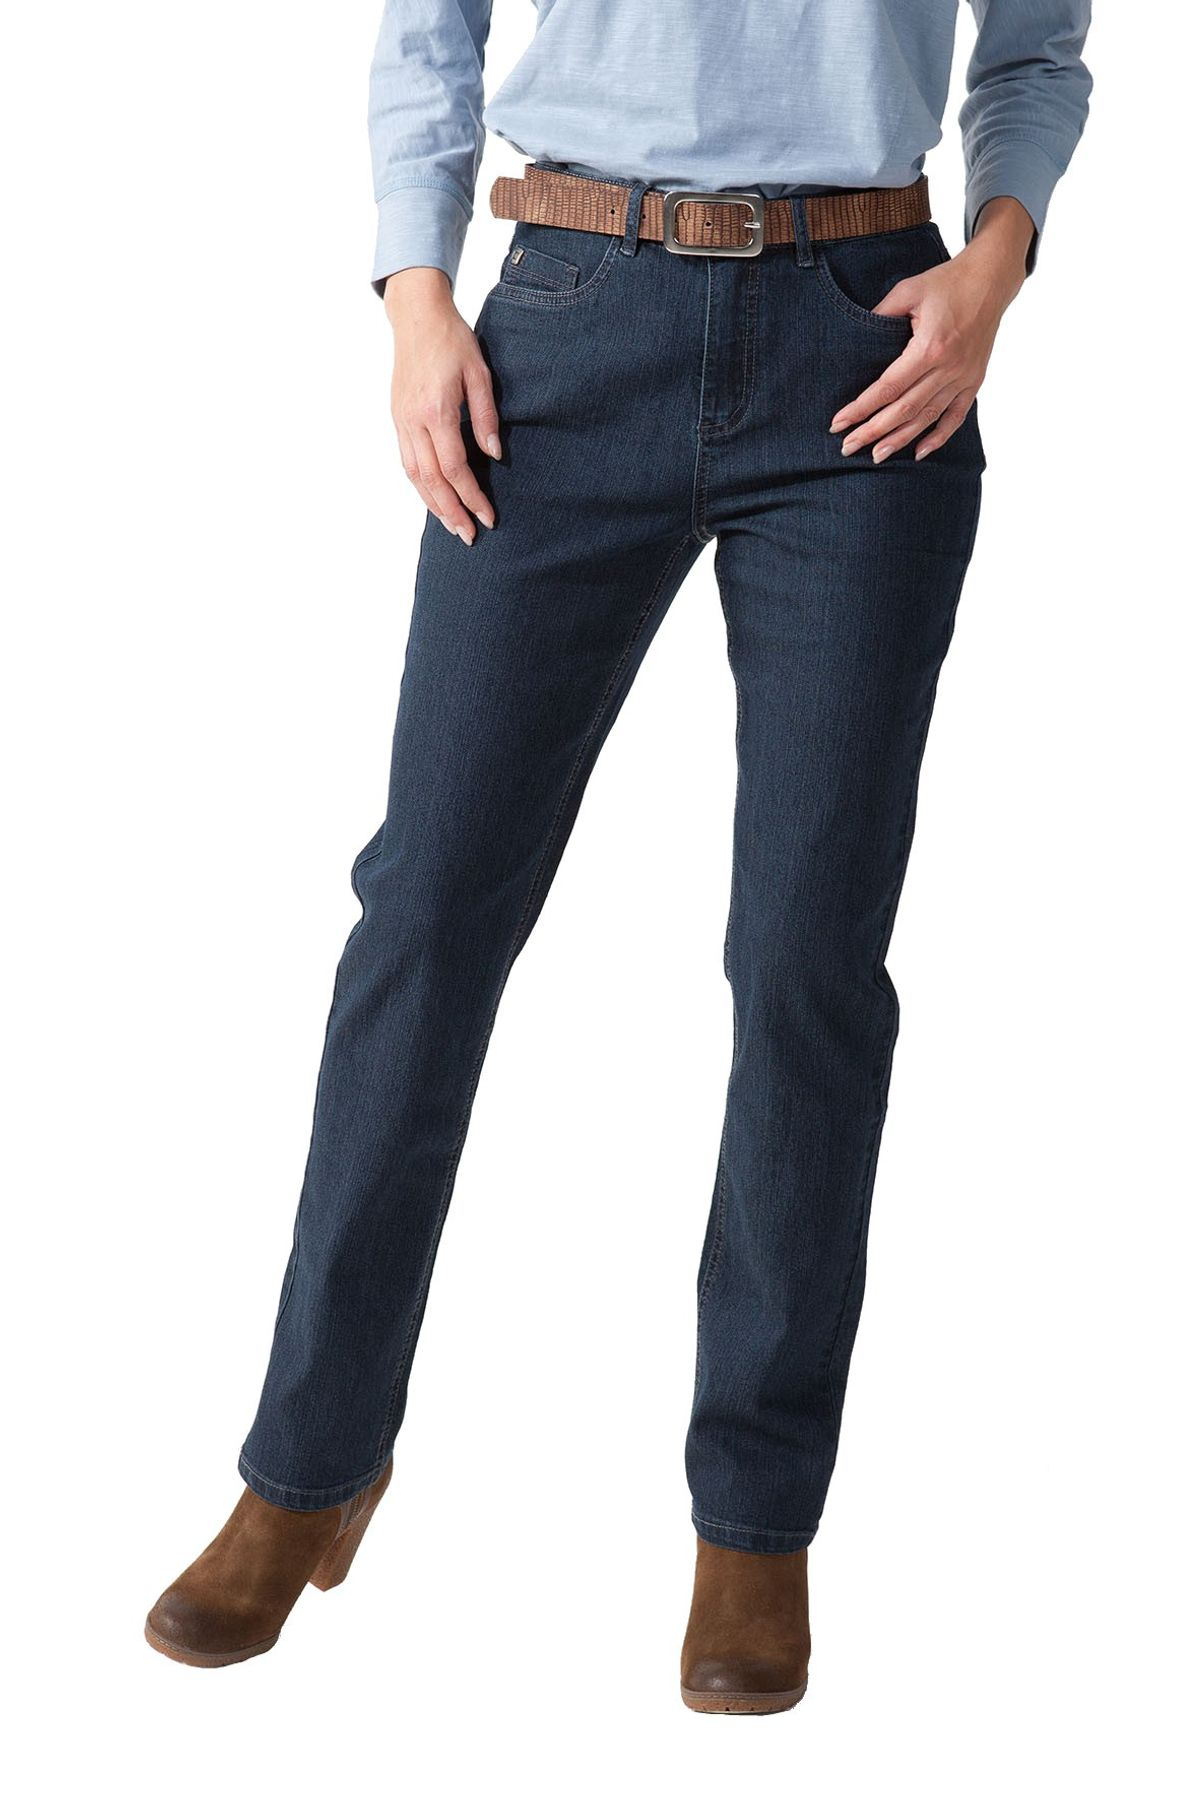 Stooker - Damen 5 Pocket Jeans in verschiedenen Farben, Classic Stretch, Nizza (1180) – Bild 1